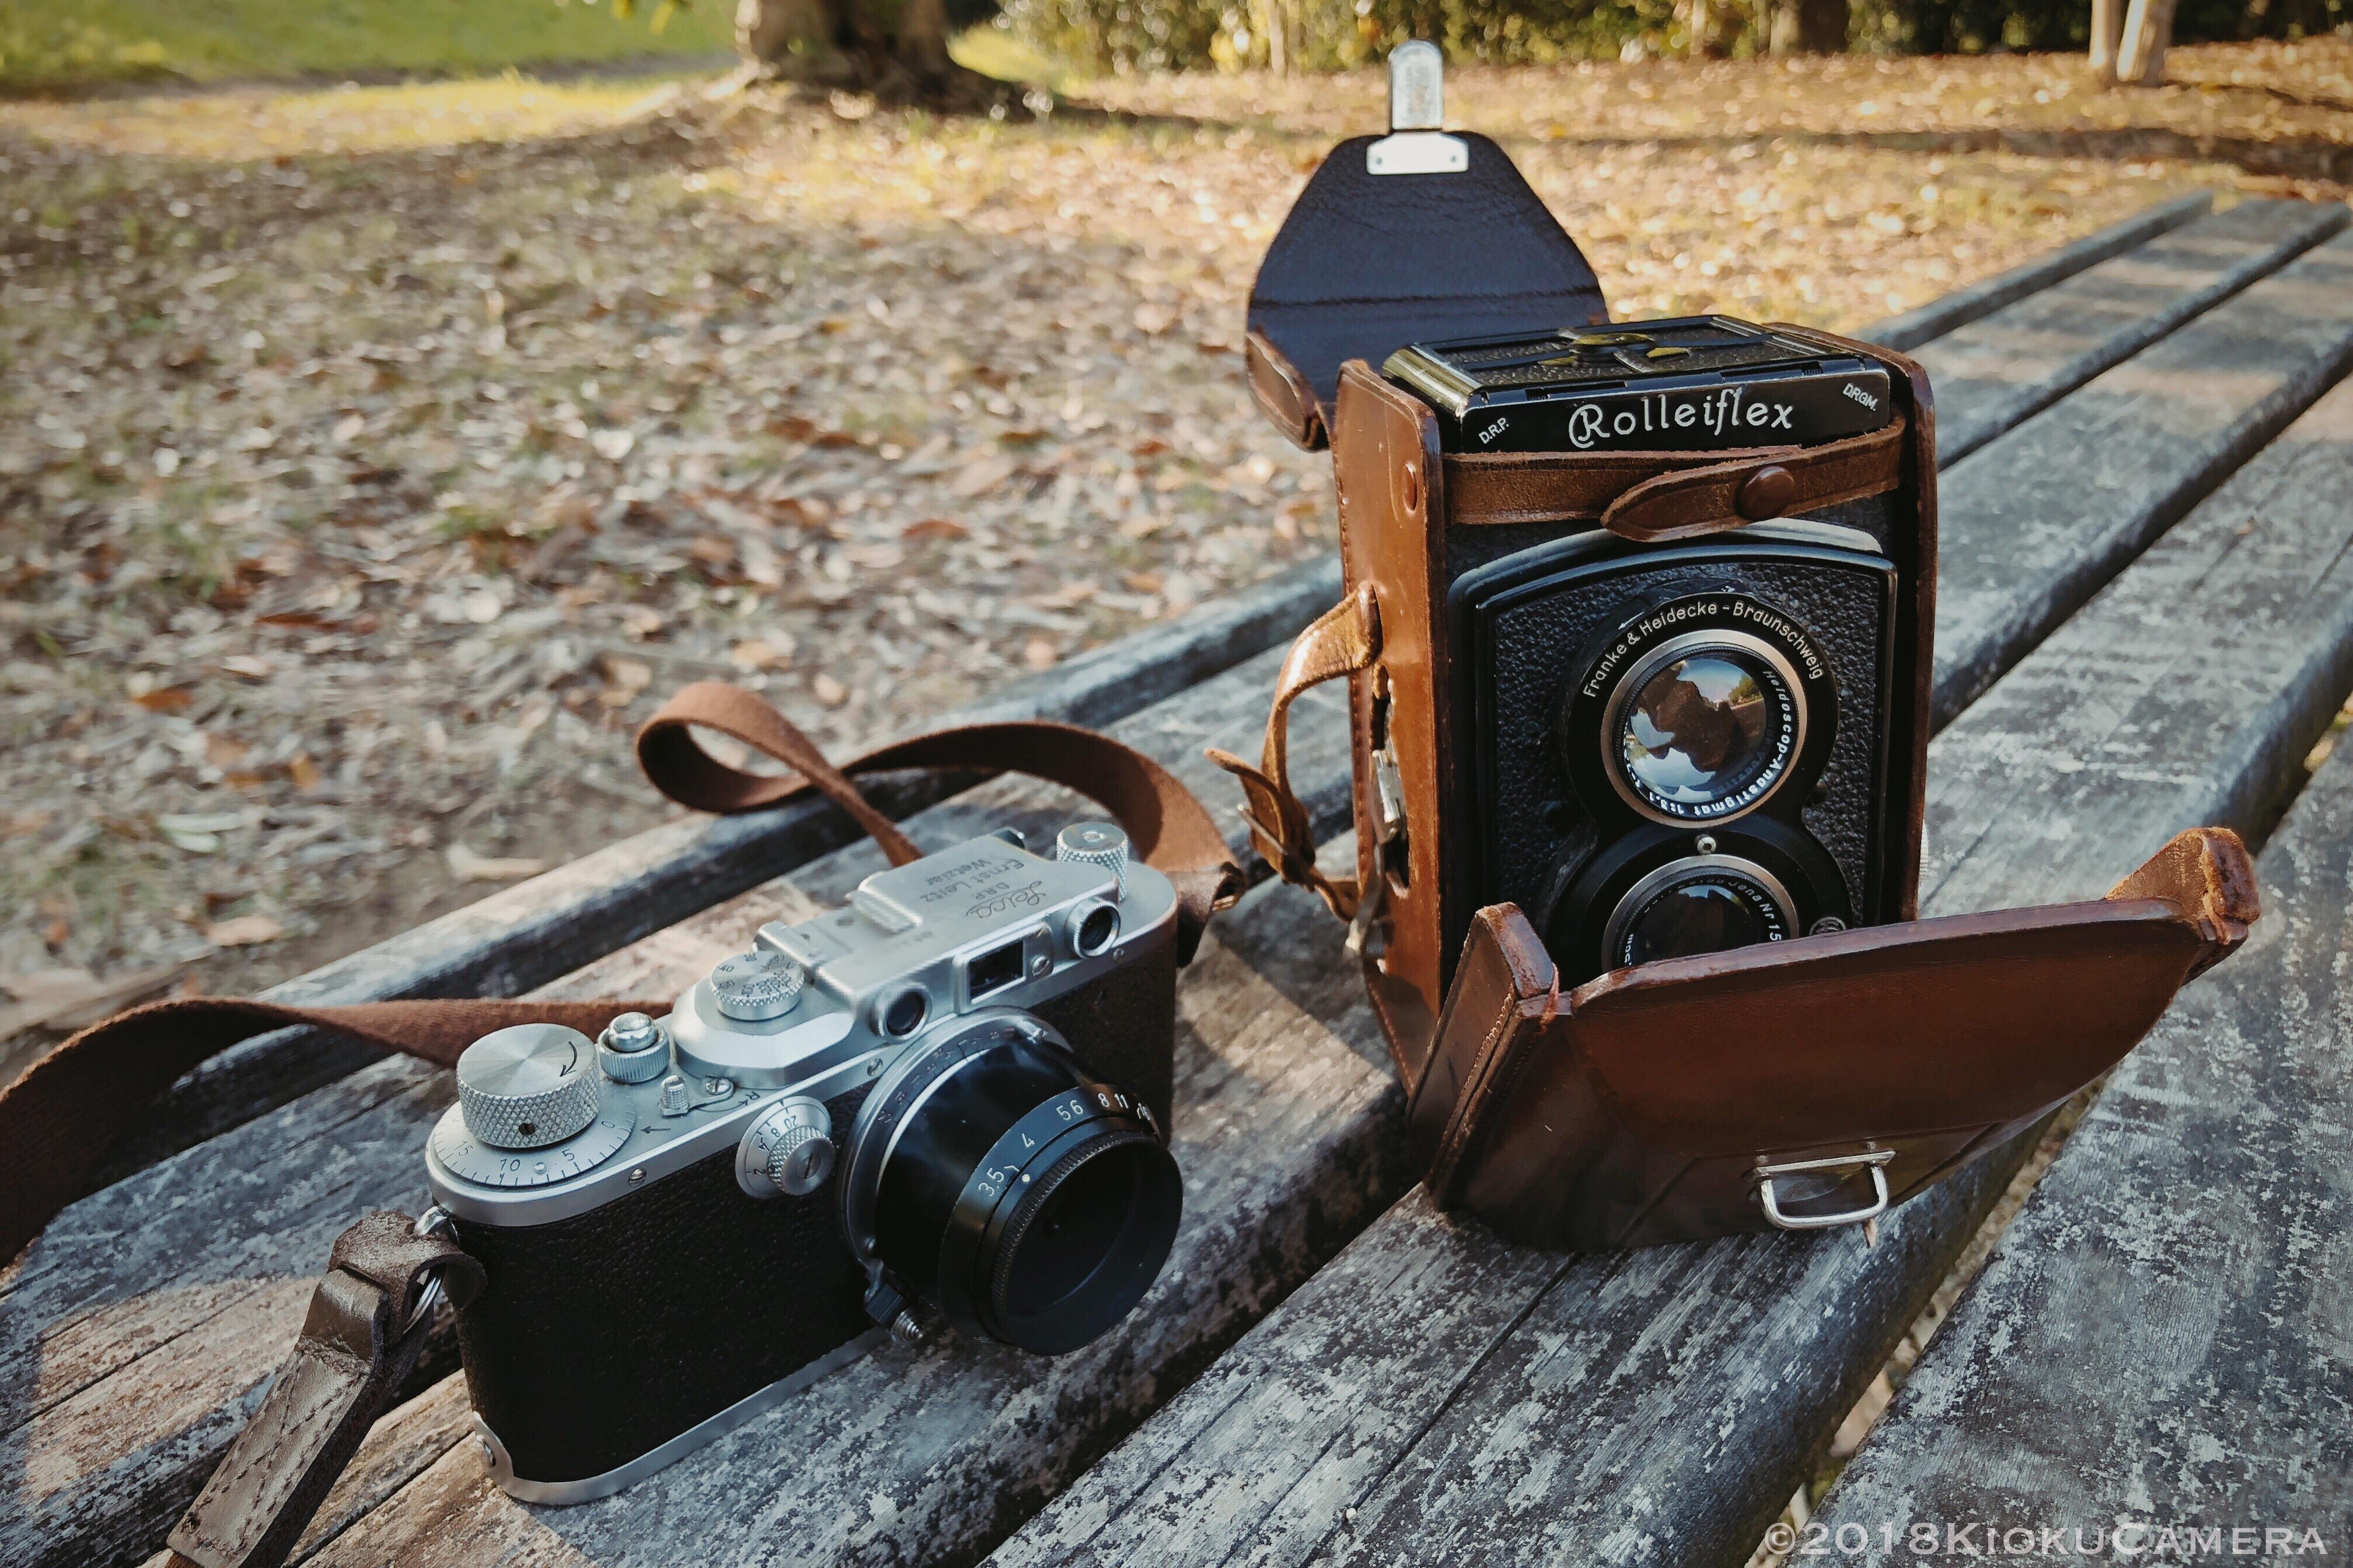 写真は好きだけど、趣味としては「カメラで撮る行為」が好きなんだろうな、僕は。